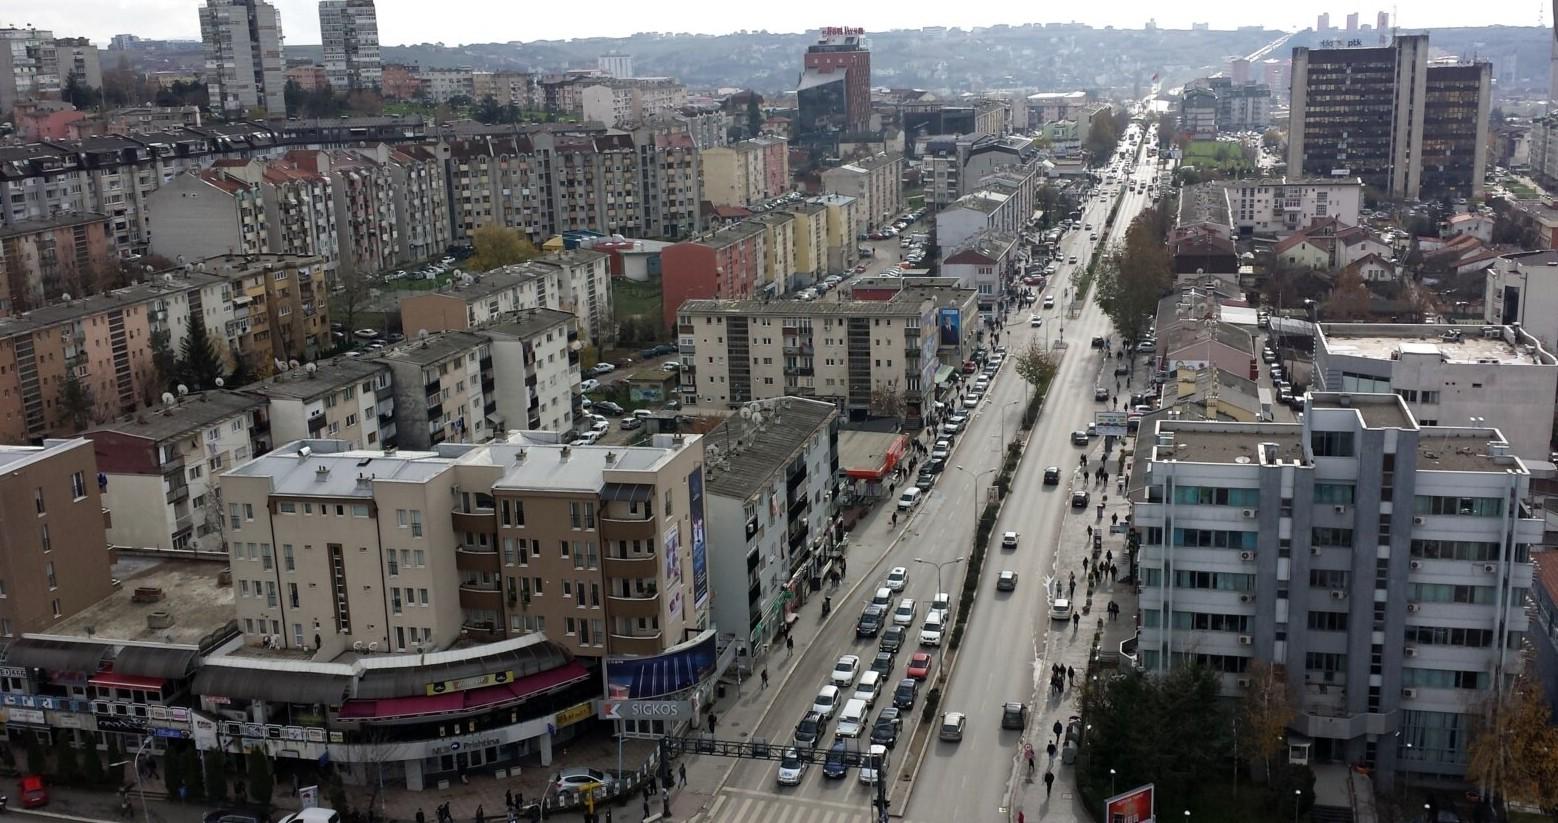 Si shkoi procesi i privatizimit në Kosovë?